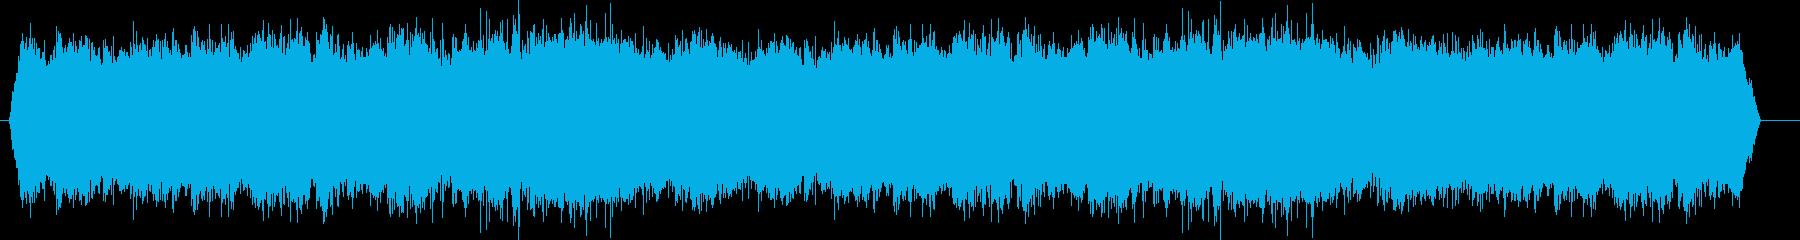 いくつかのセミの連続ラチェット。の再生済みの波形